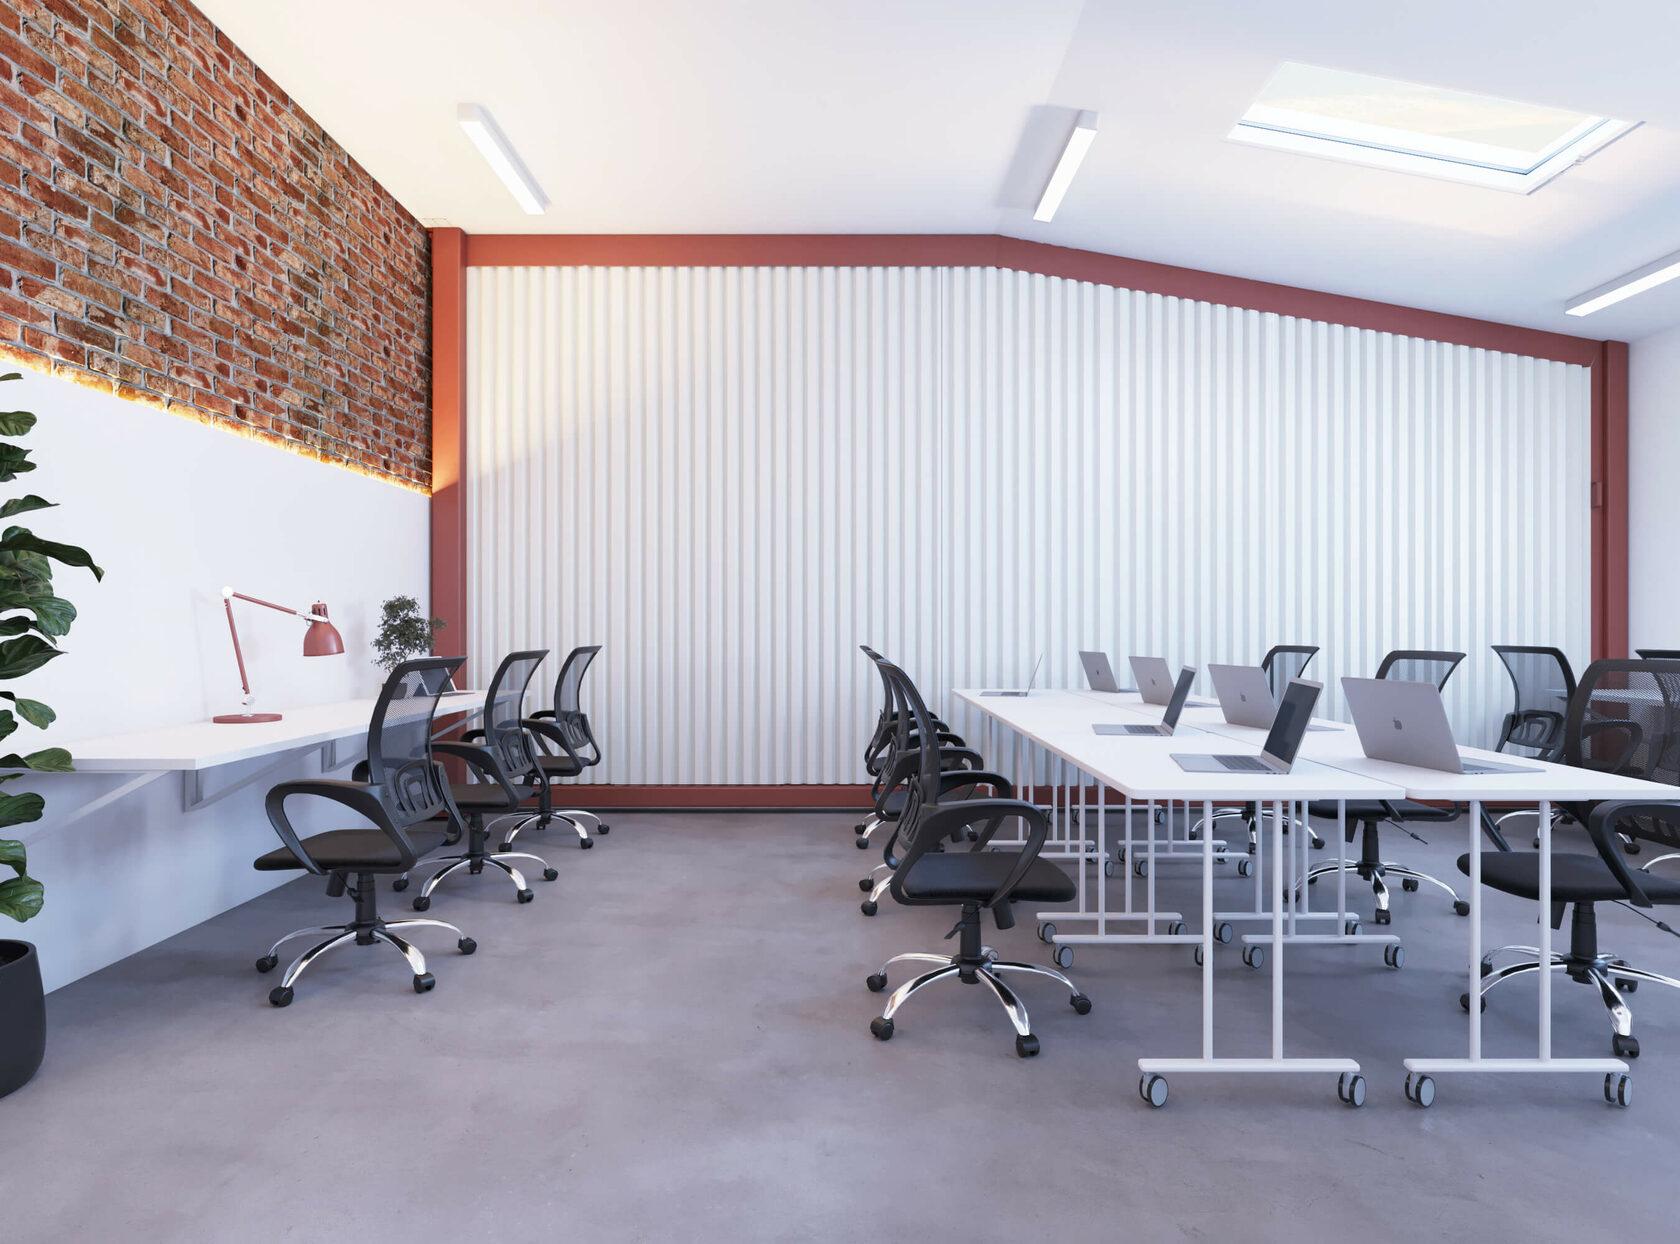 Коворкинг – это место, где собираются люди, работающие в удаленном формате или на фрилансе